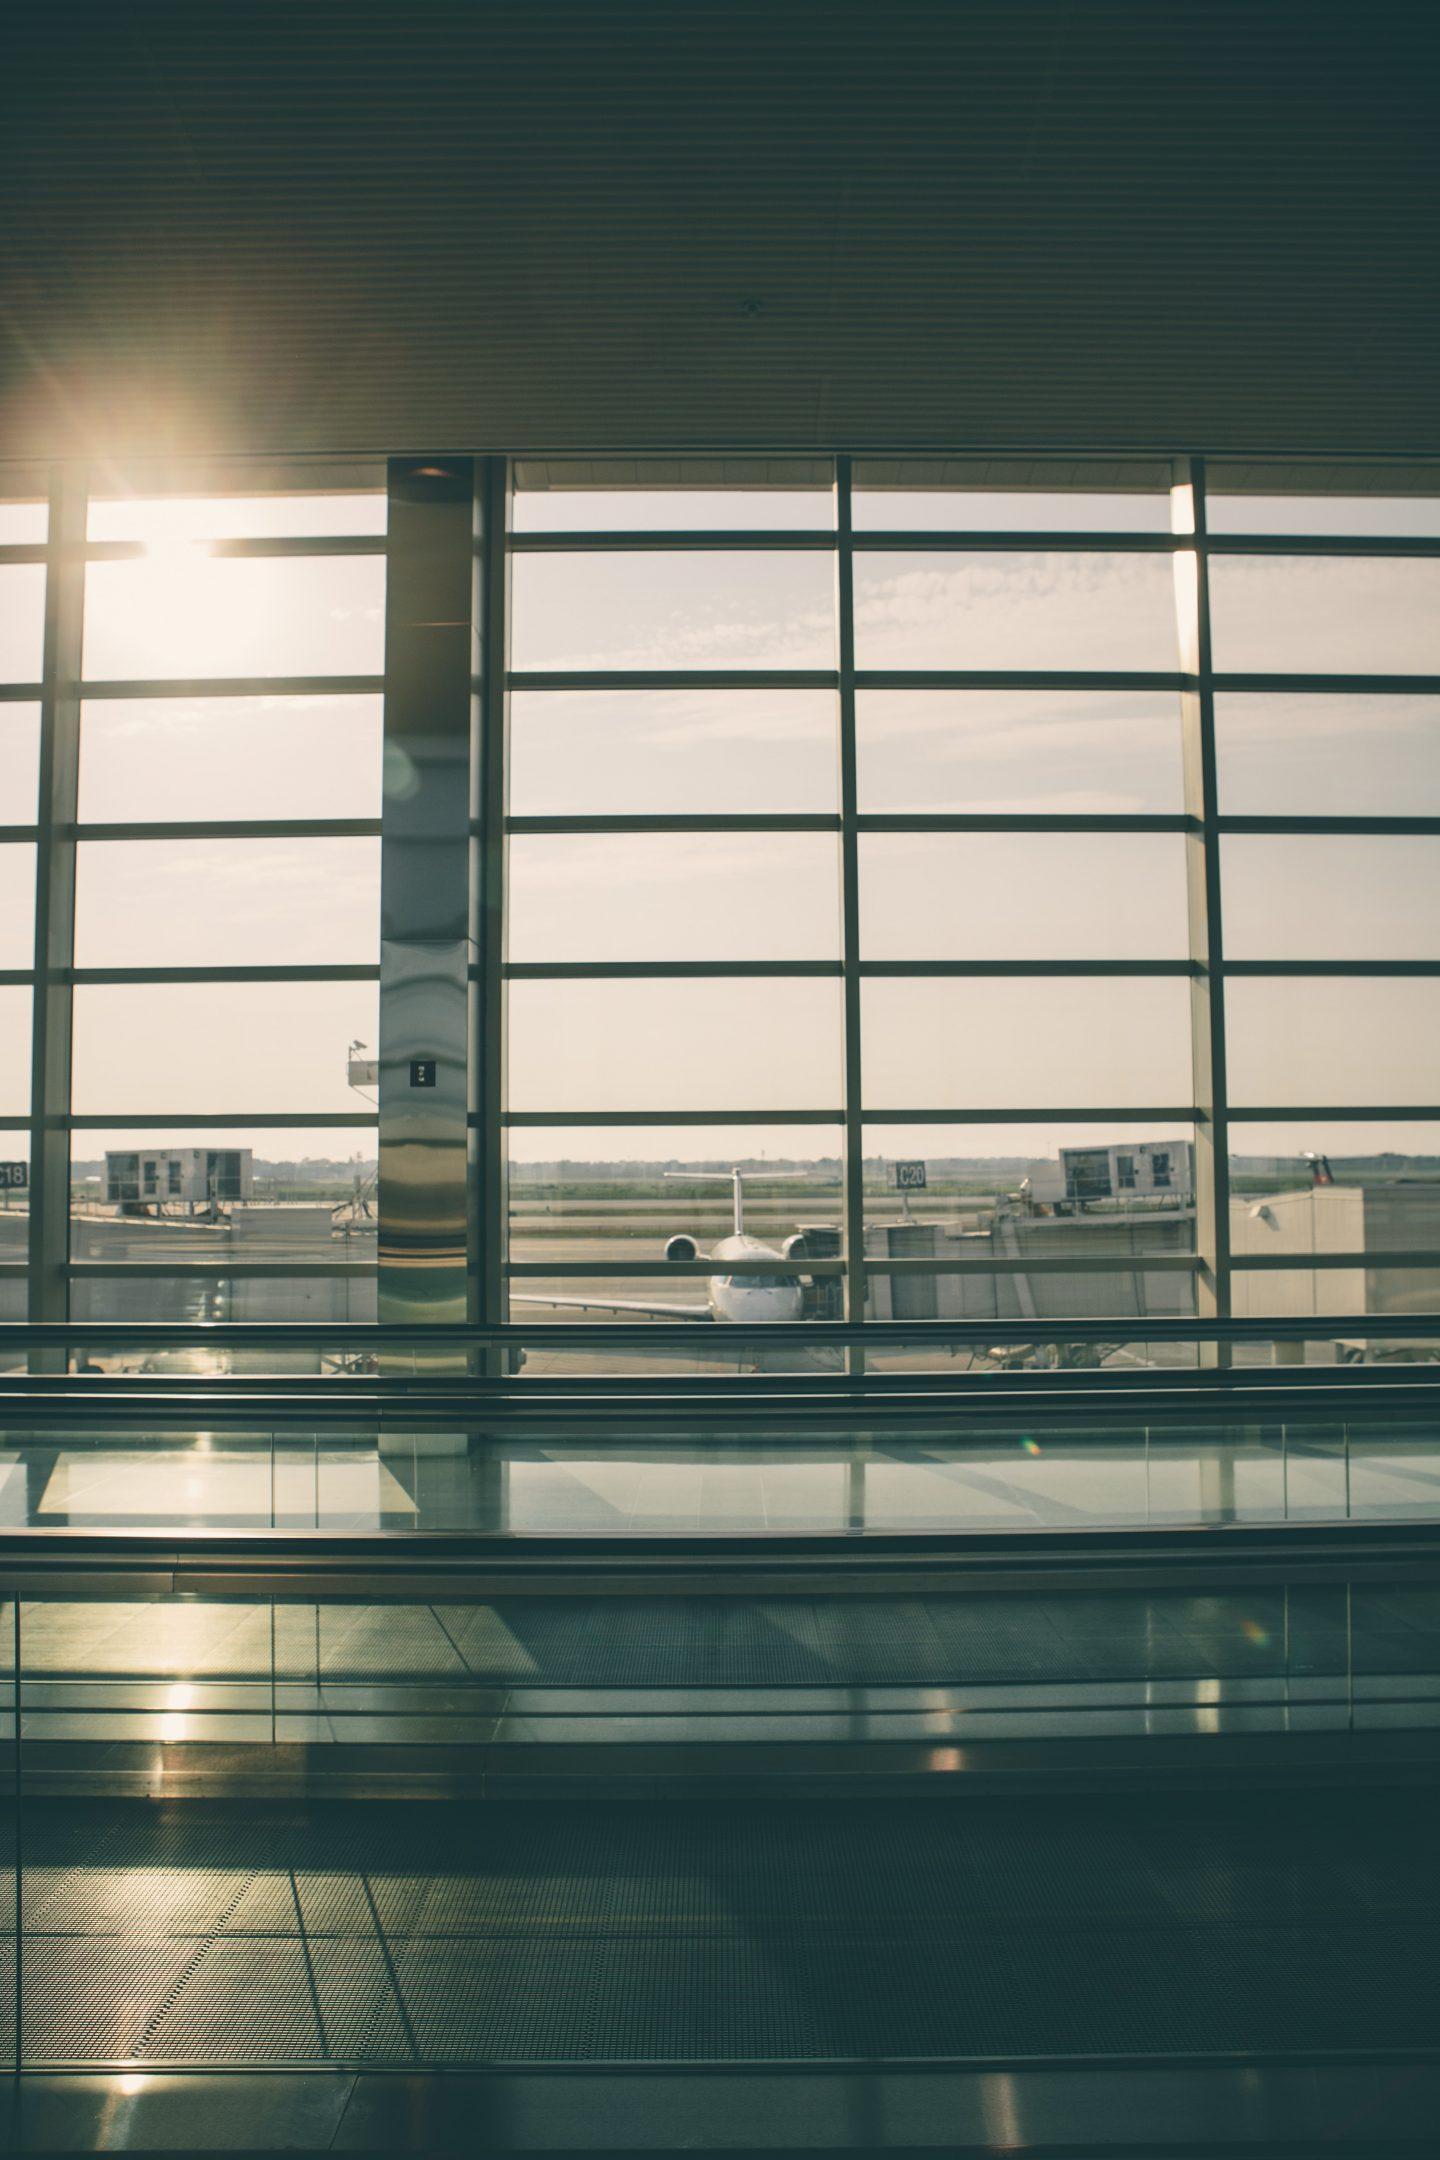 compensation for Coronavirus cancellation flights airport - Cancellazione voli per Coronavirus